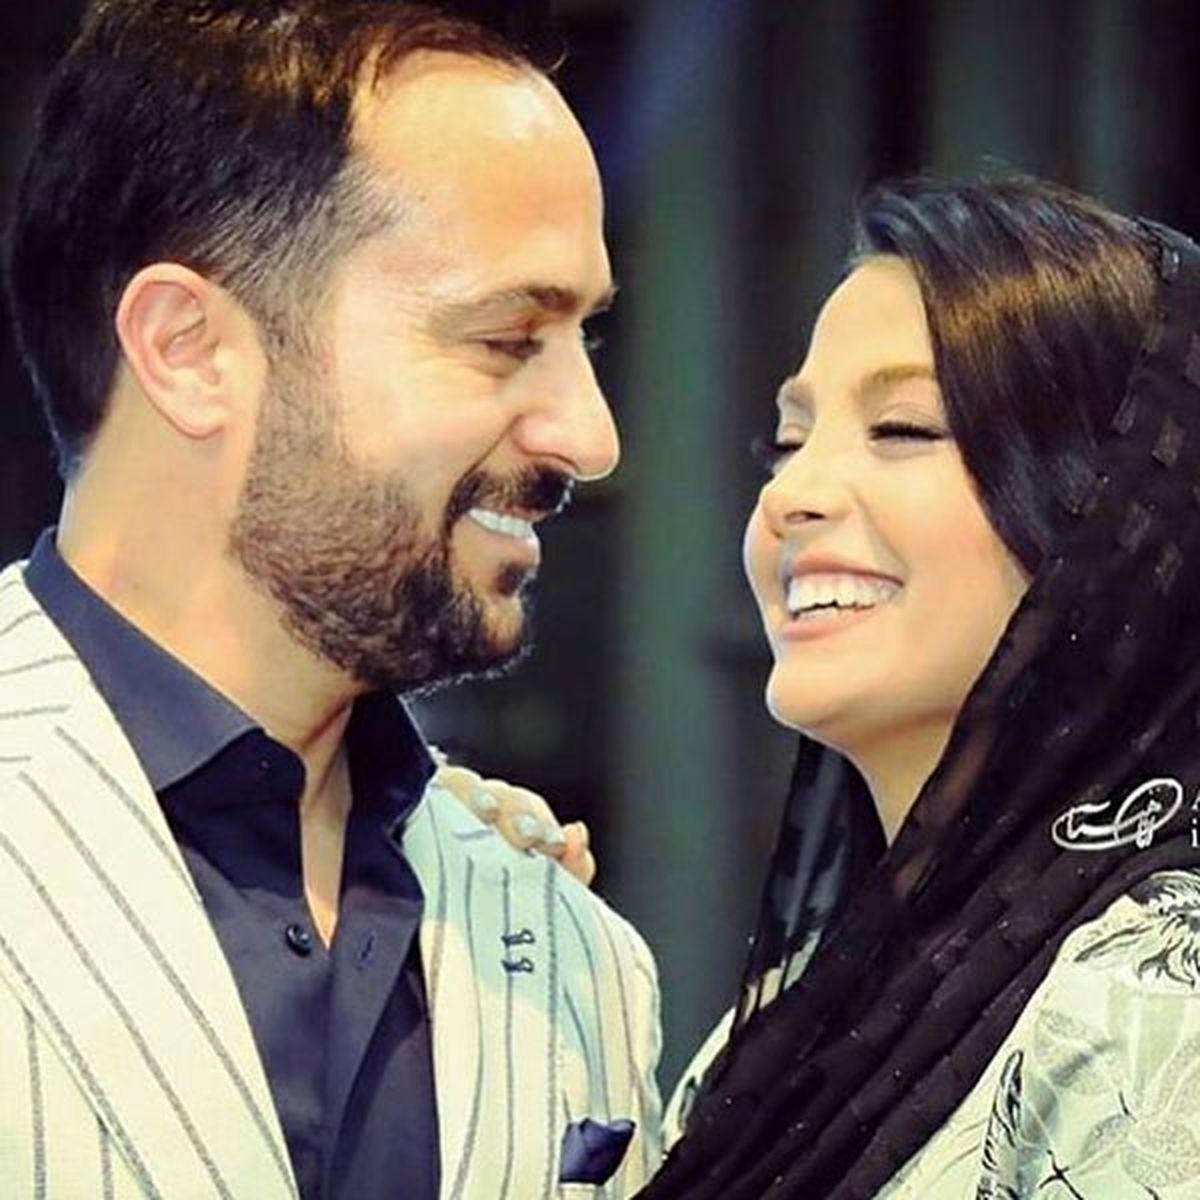 عکس لورفته از احمد مهرانفر بازیگر پایتخت در کنار همسر مدلش + تصاویر